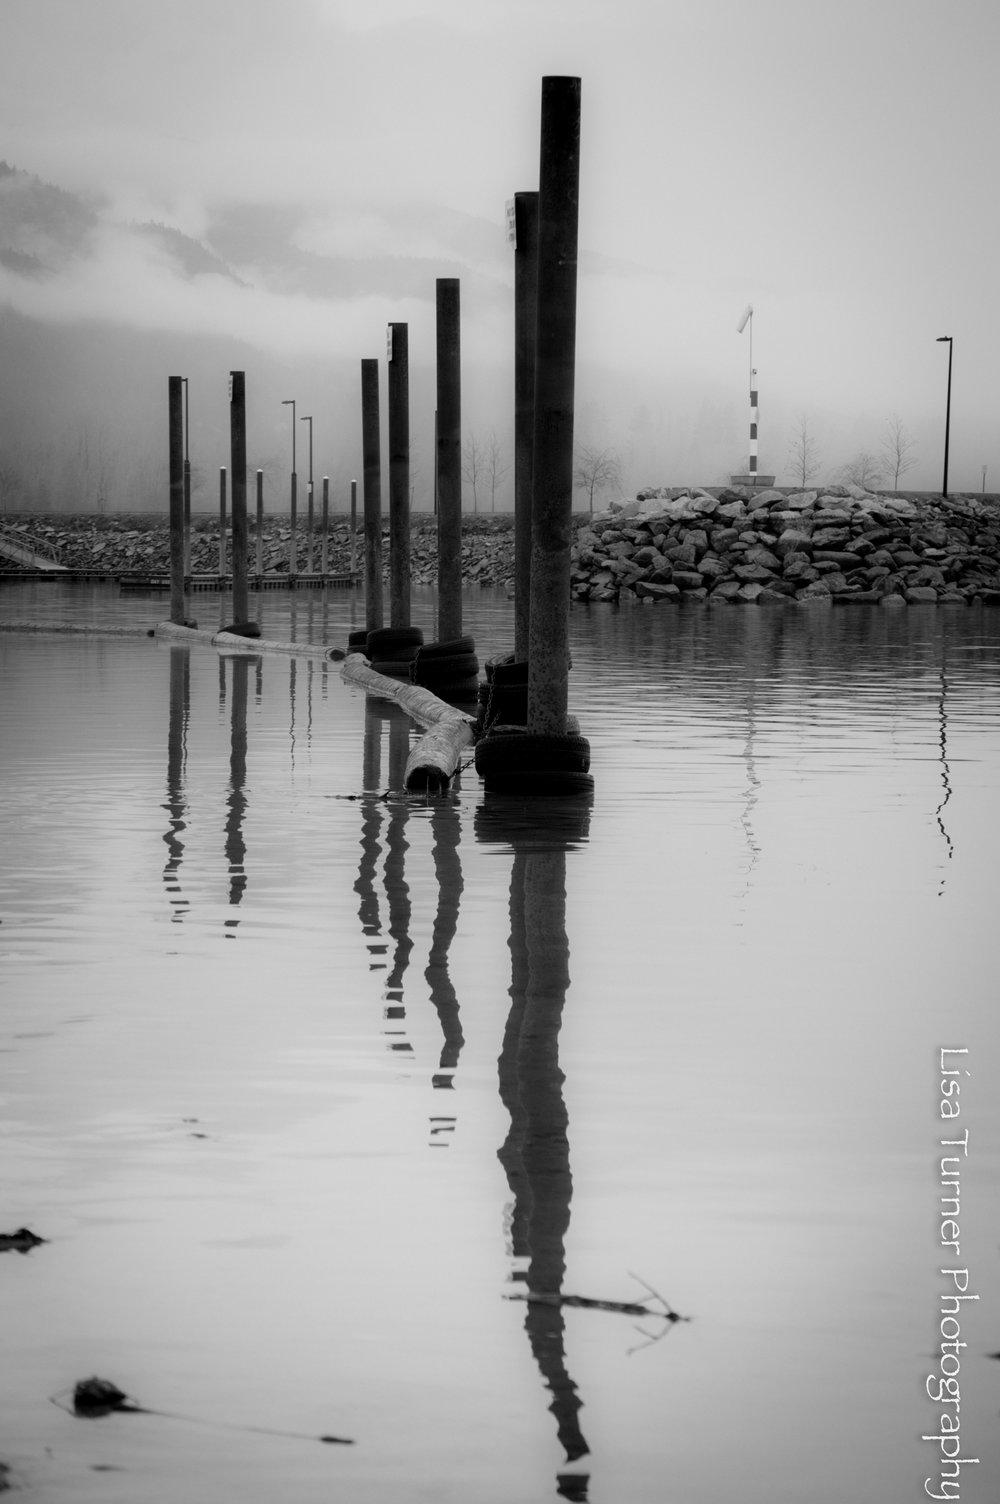 pilings-0155.jpg